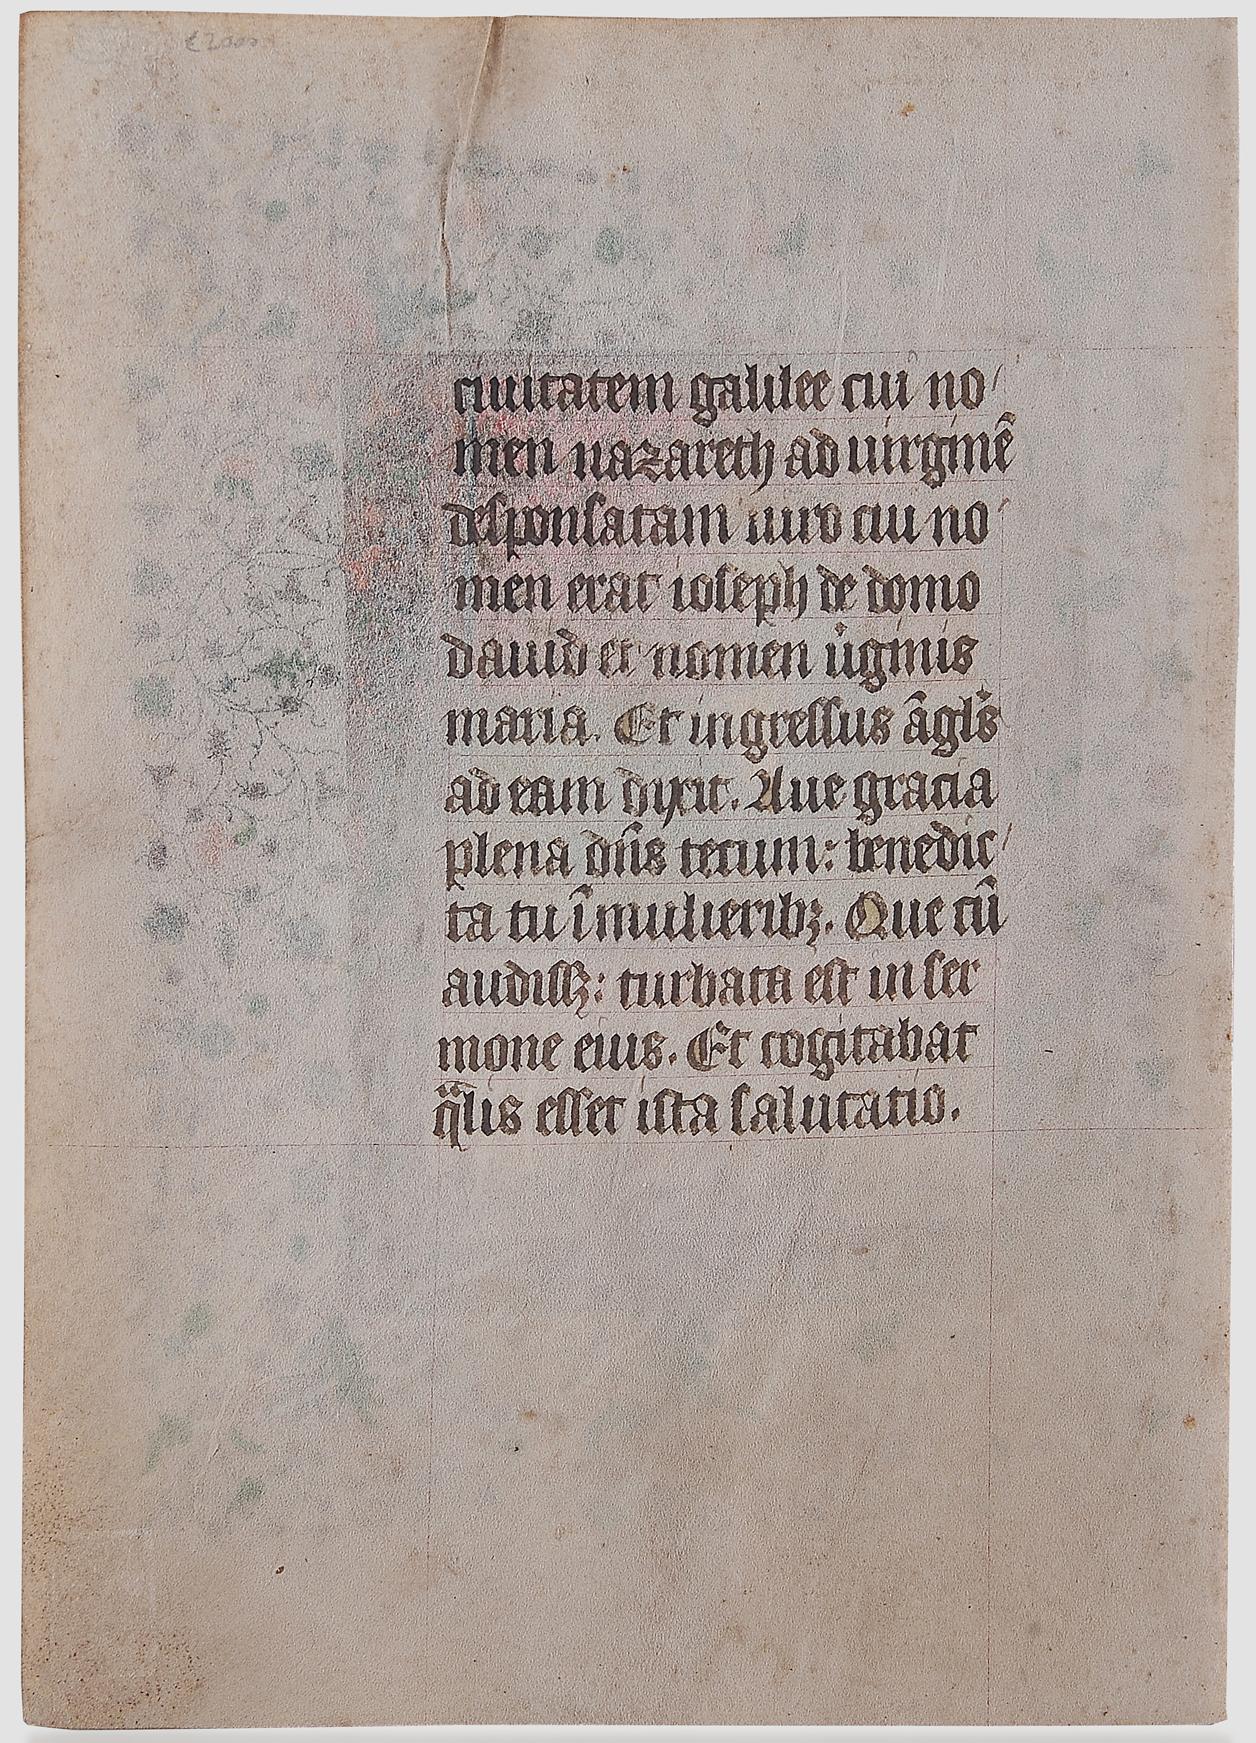 Buchmalerei, Illumination, um 1410/20 - Image 2 of 2